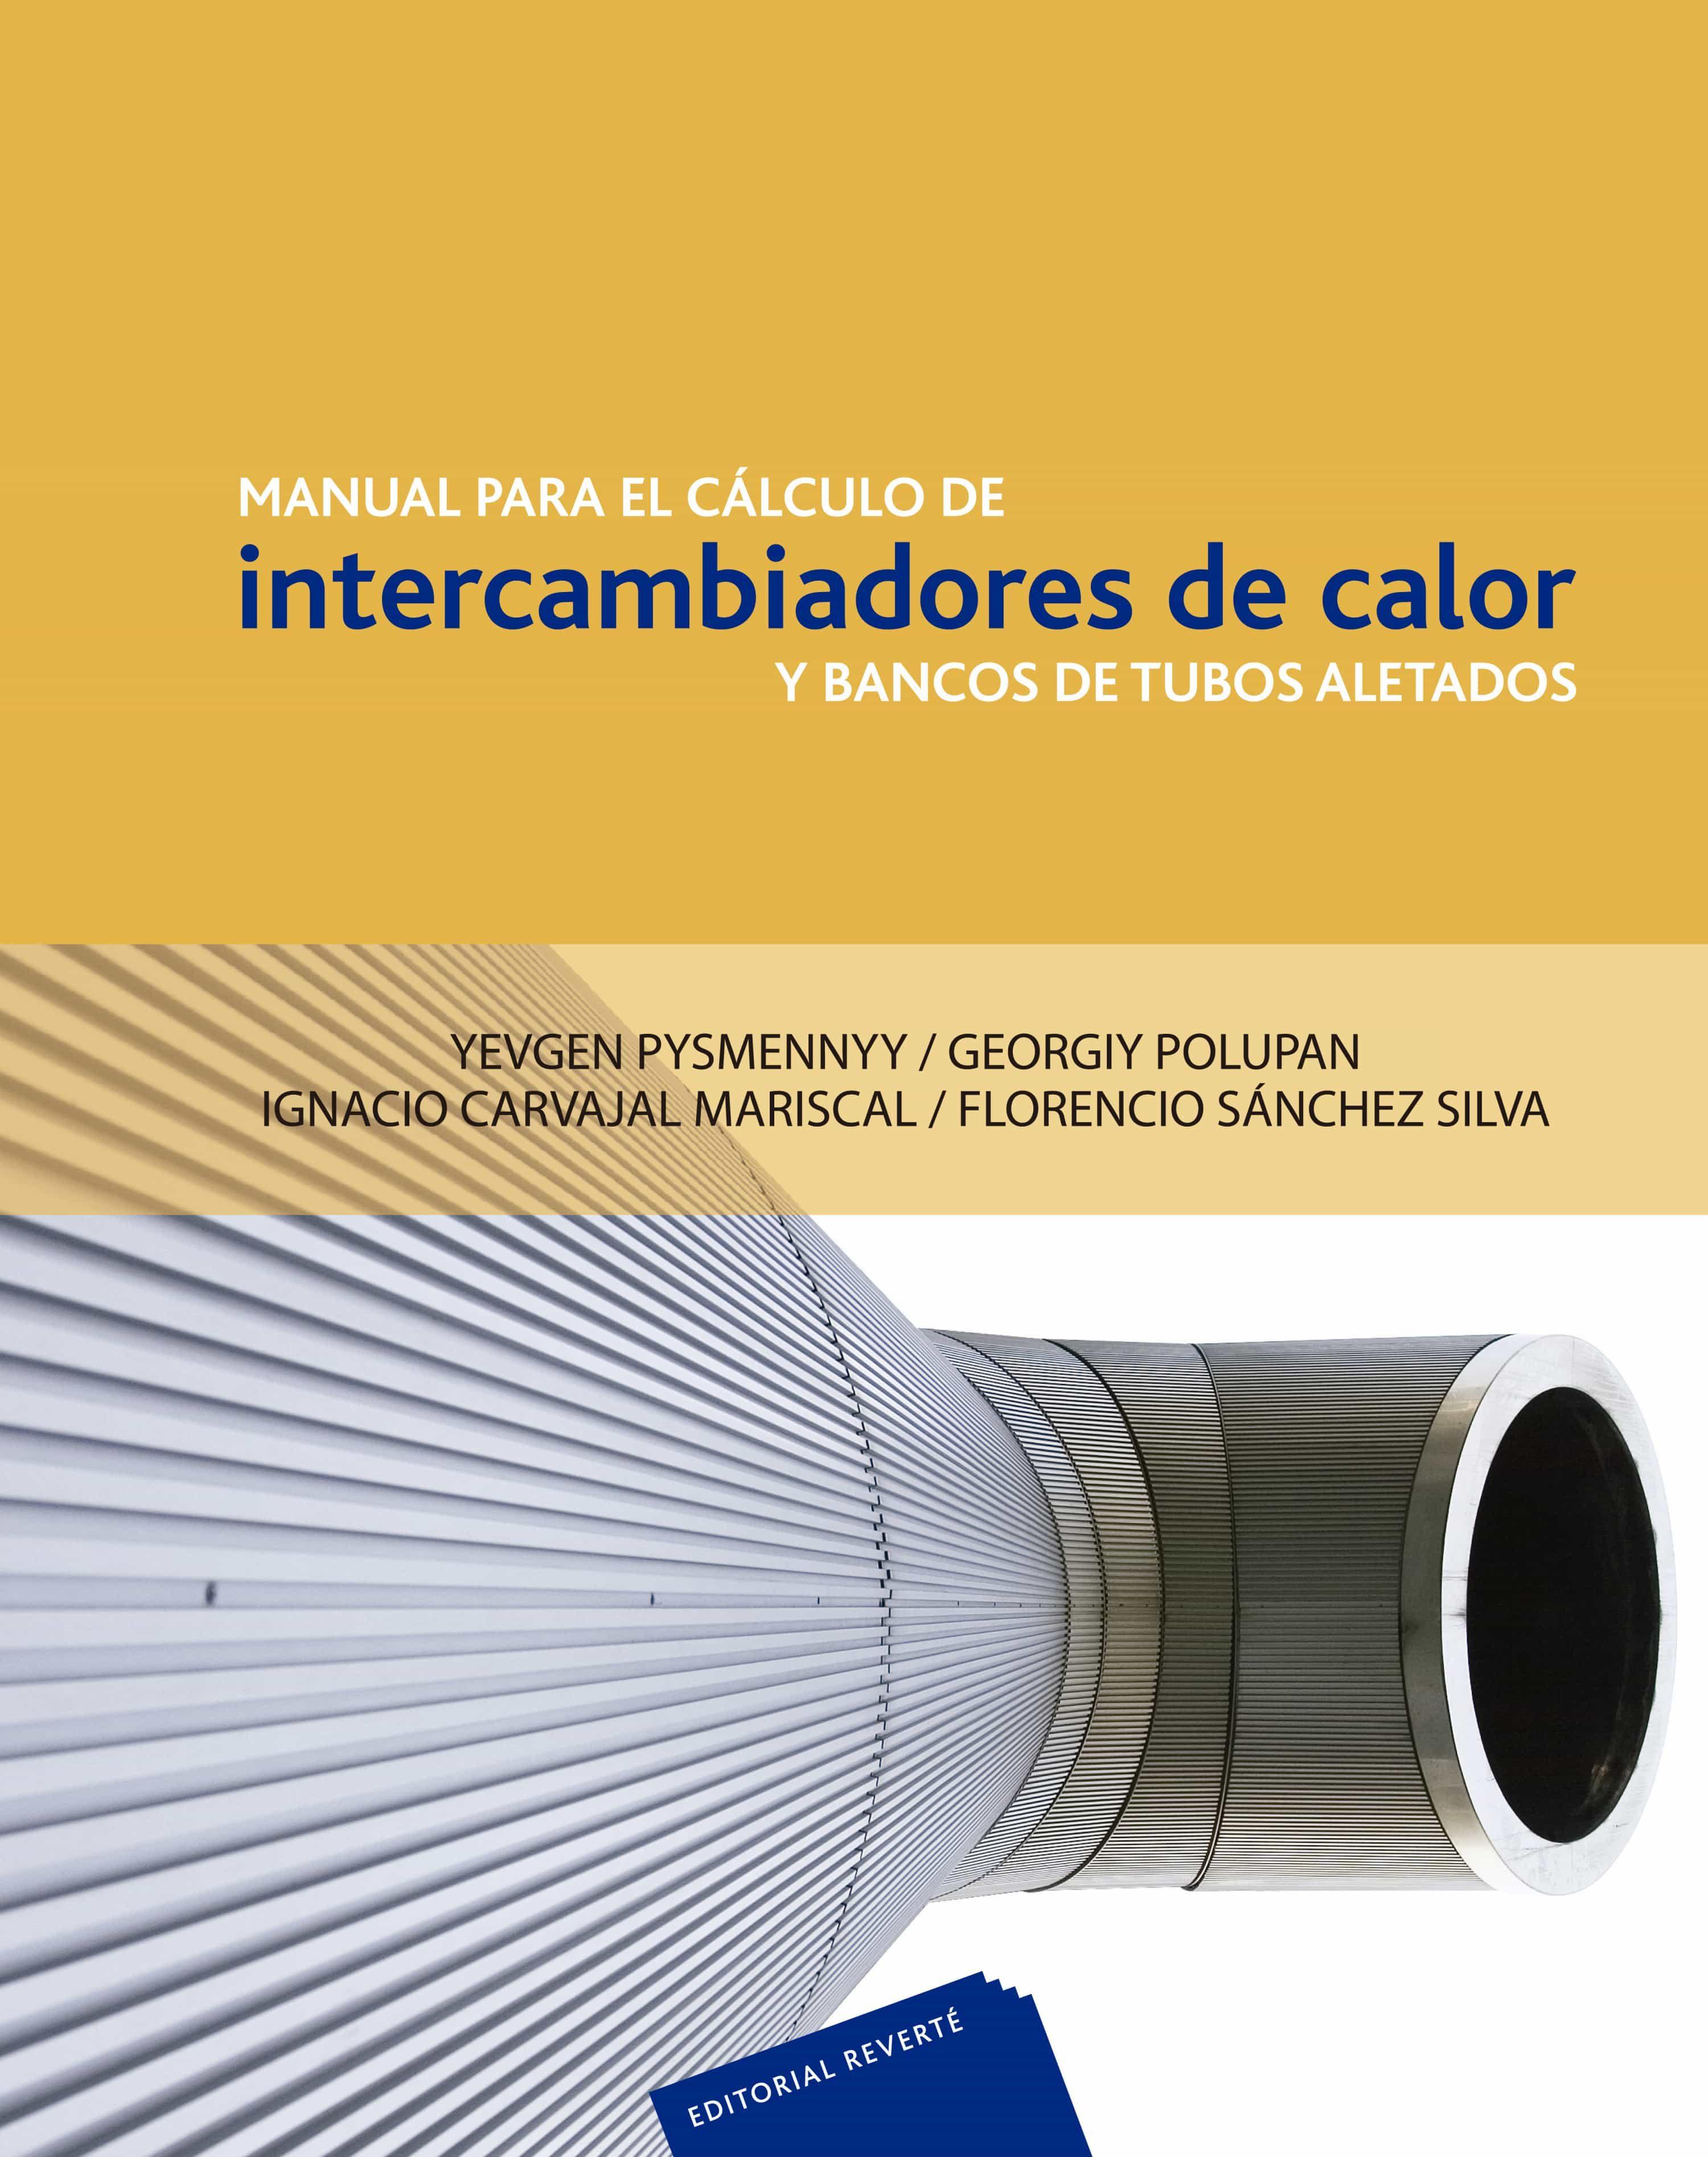 Manual Para El Calculo De Intercambiadores De Calor Y Bancos De T Ubos Aletados por Vv.aa.